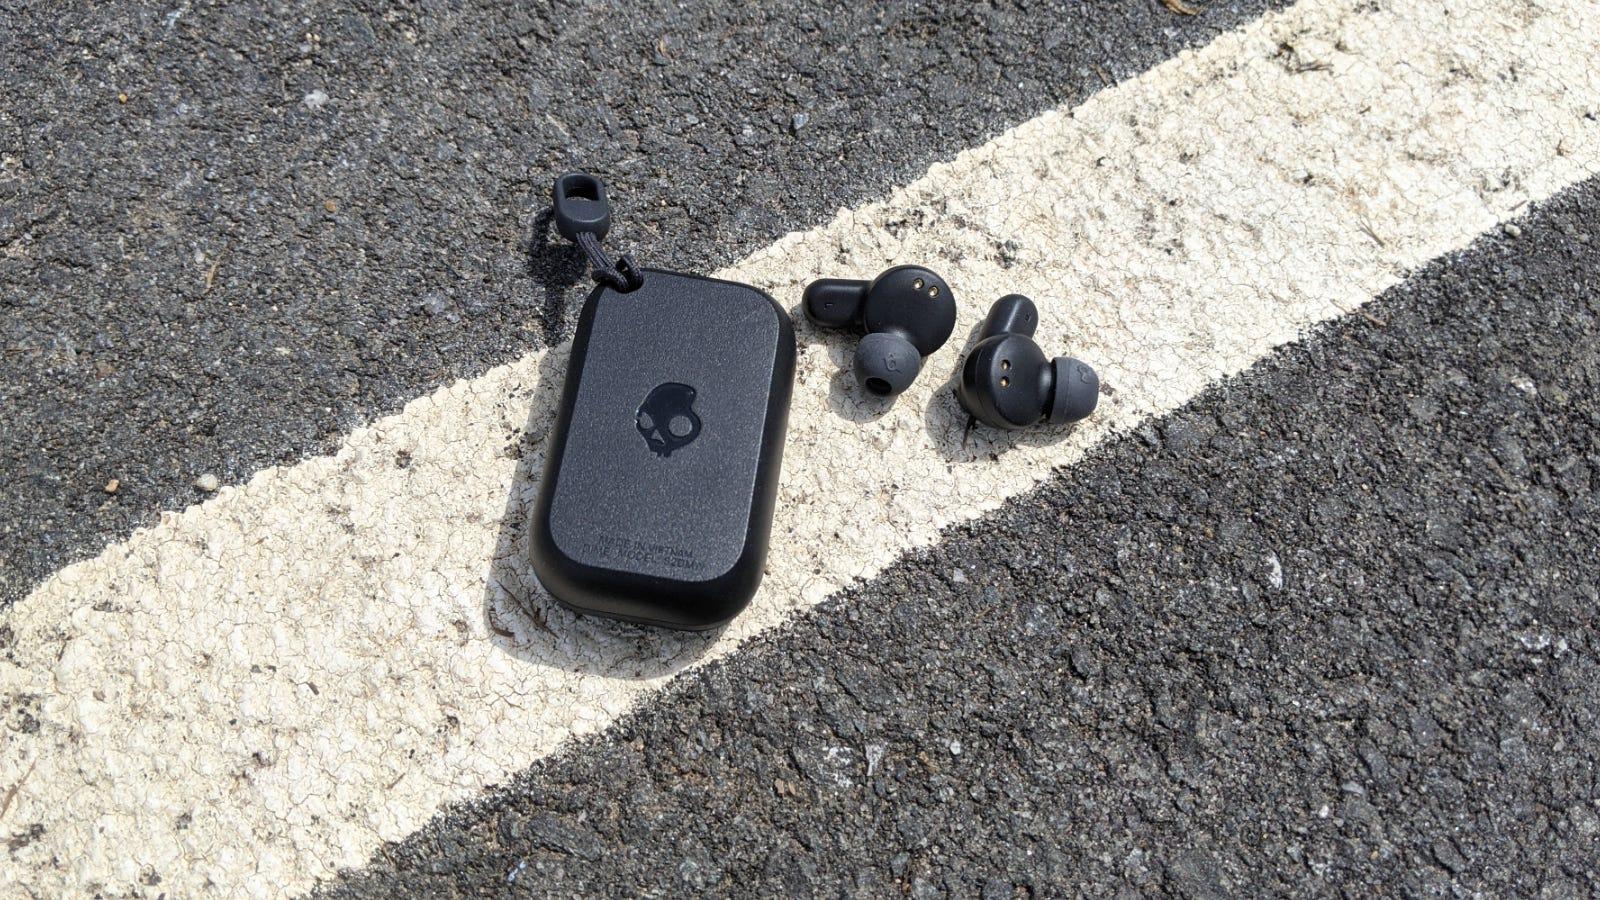 تم فصل حافظة الهاتف وسدادات الأذن من Skullcandy Dime على الرصيف